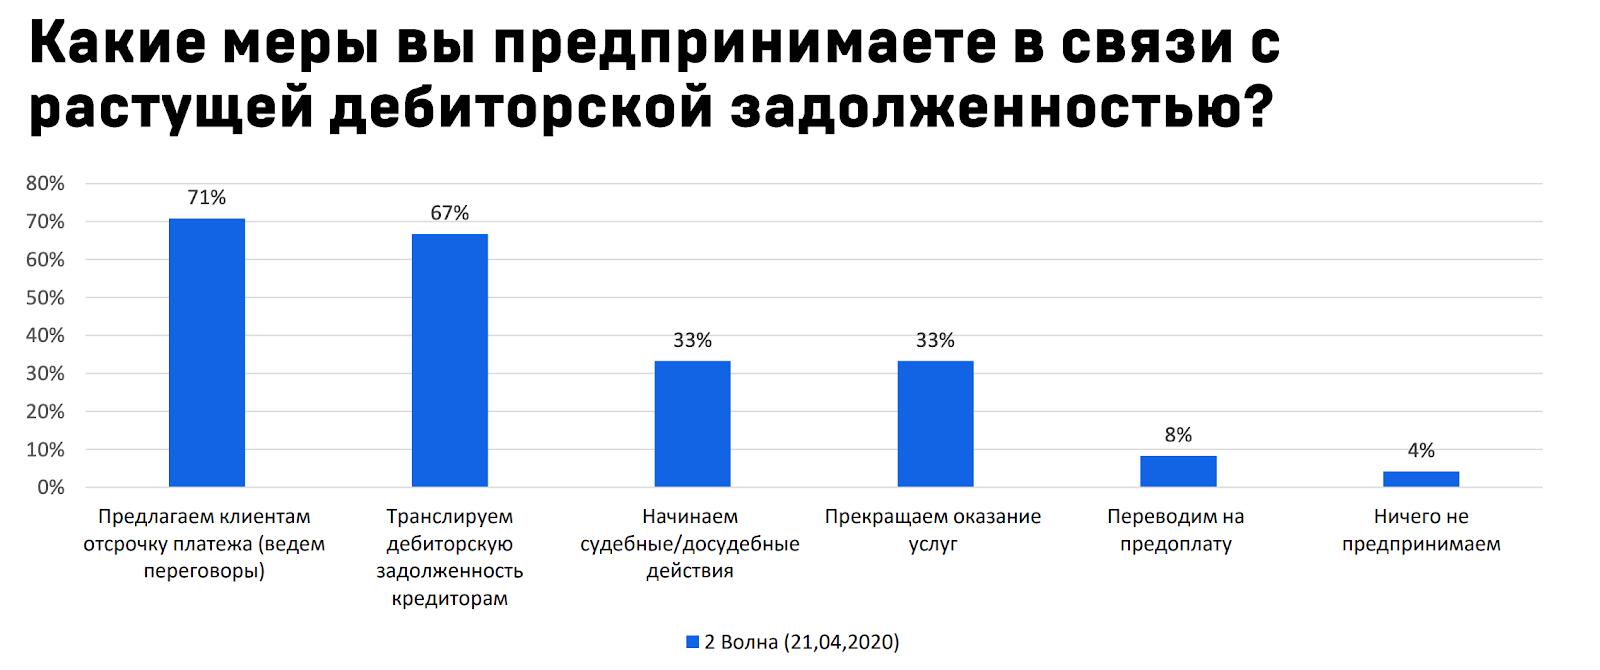 8% переводят клиентов на предоплату